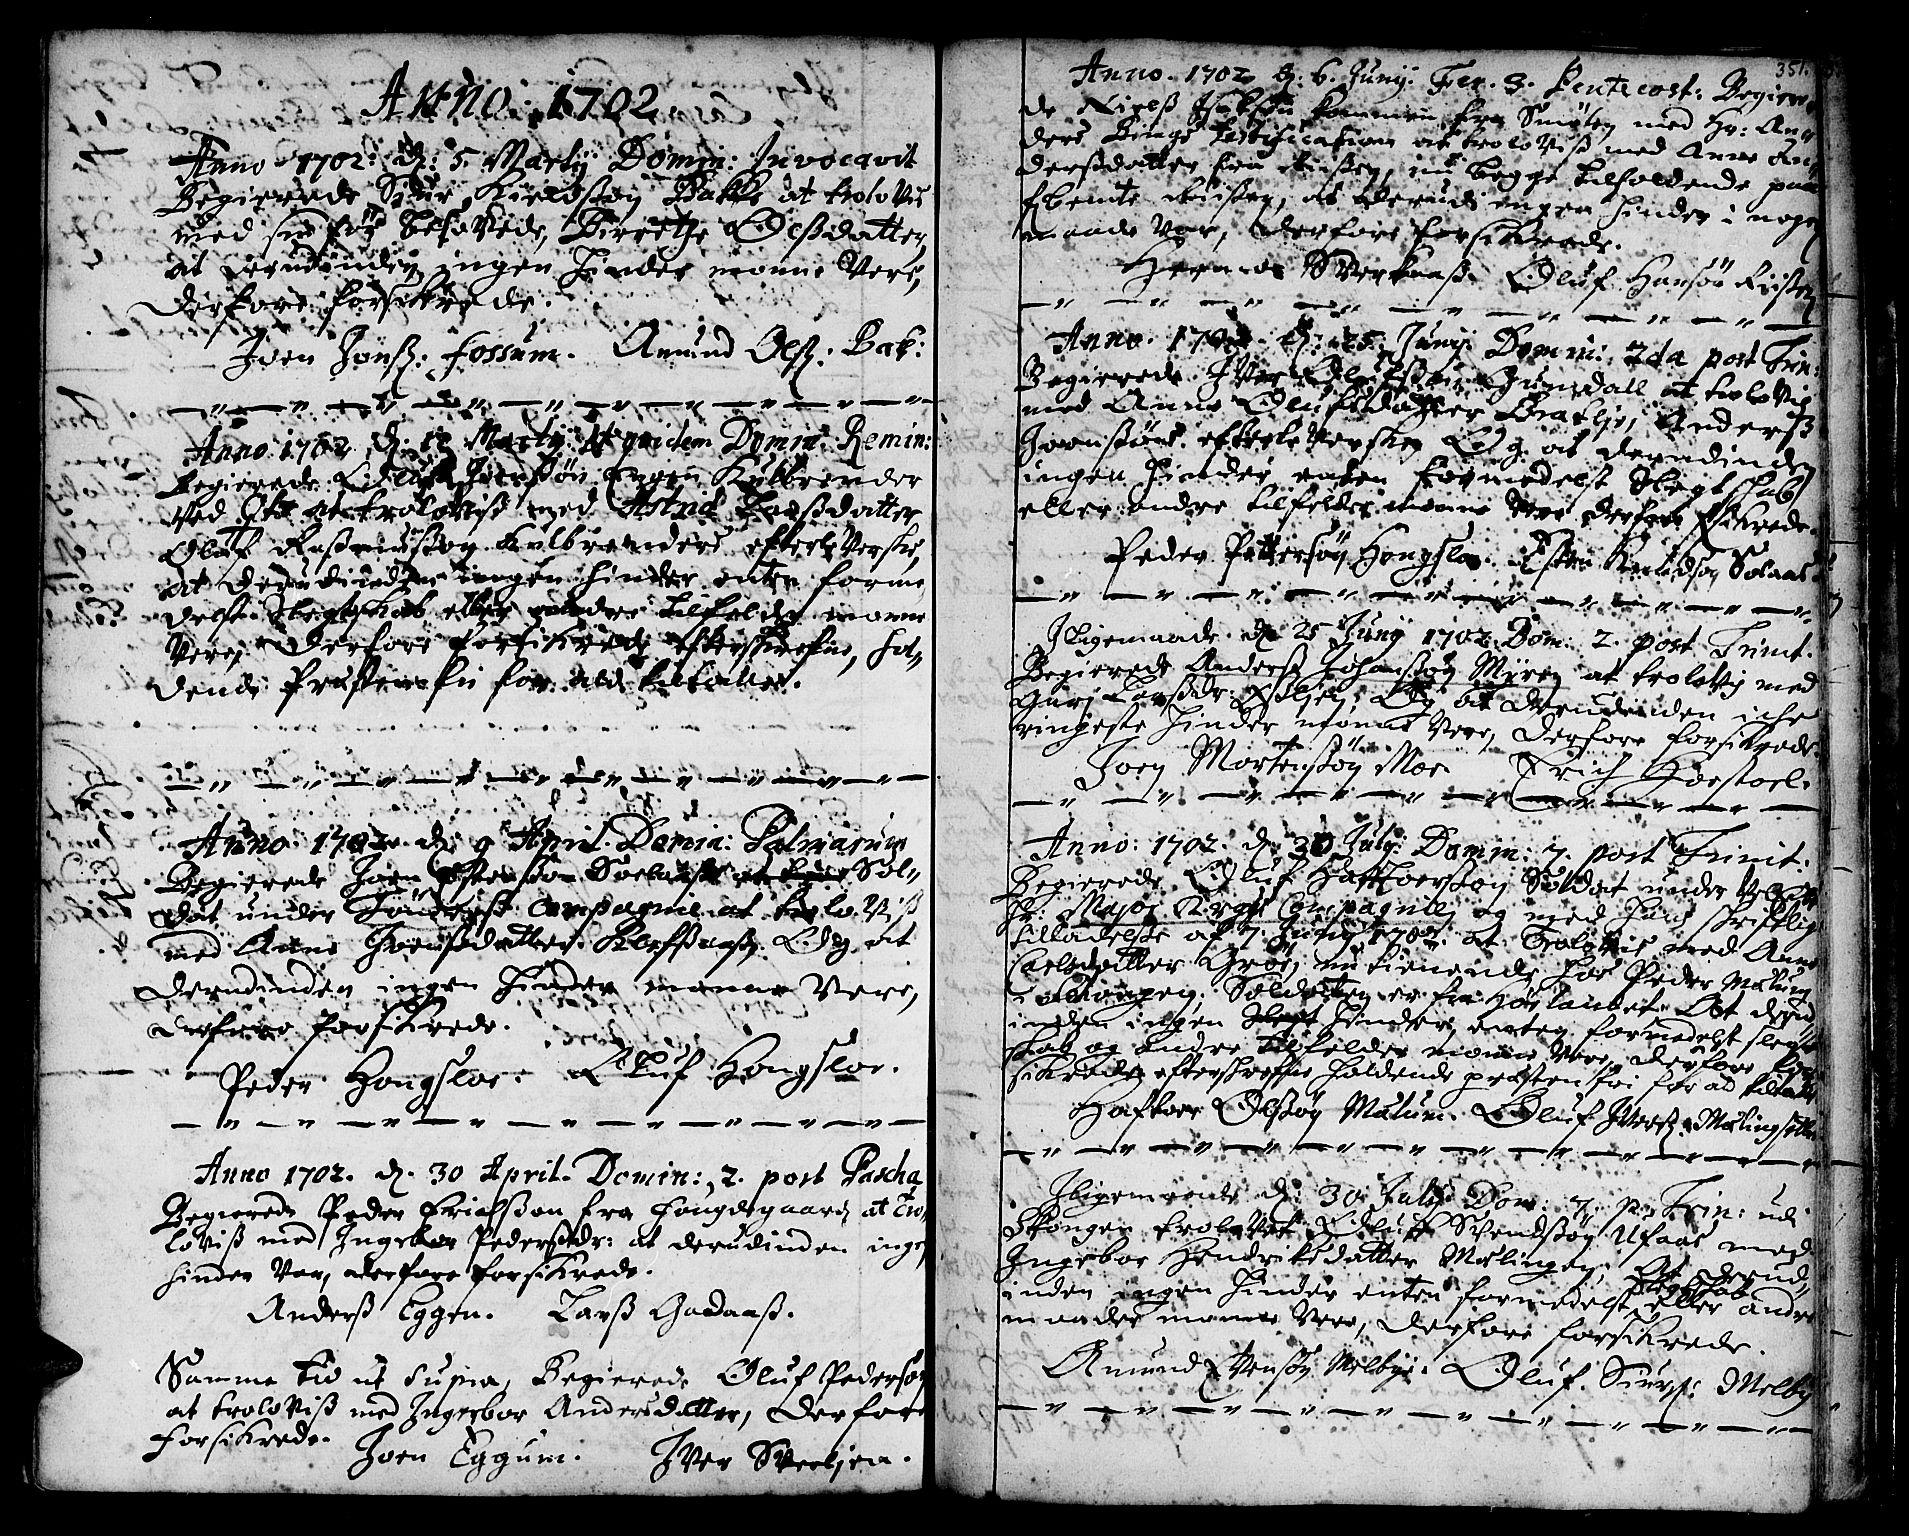 SAT, Ministerialprotokoller, klokkerbøker og fødselsregistre - Sør-Trøndelag, 668/L0801: Ministerialbok nr. 668A01, 1695-1716, s. 350-351